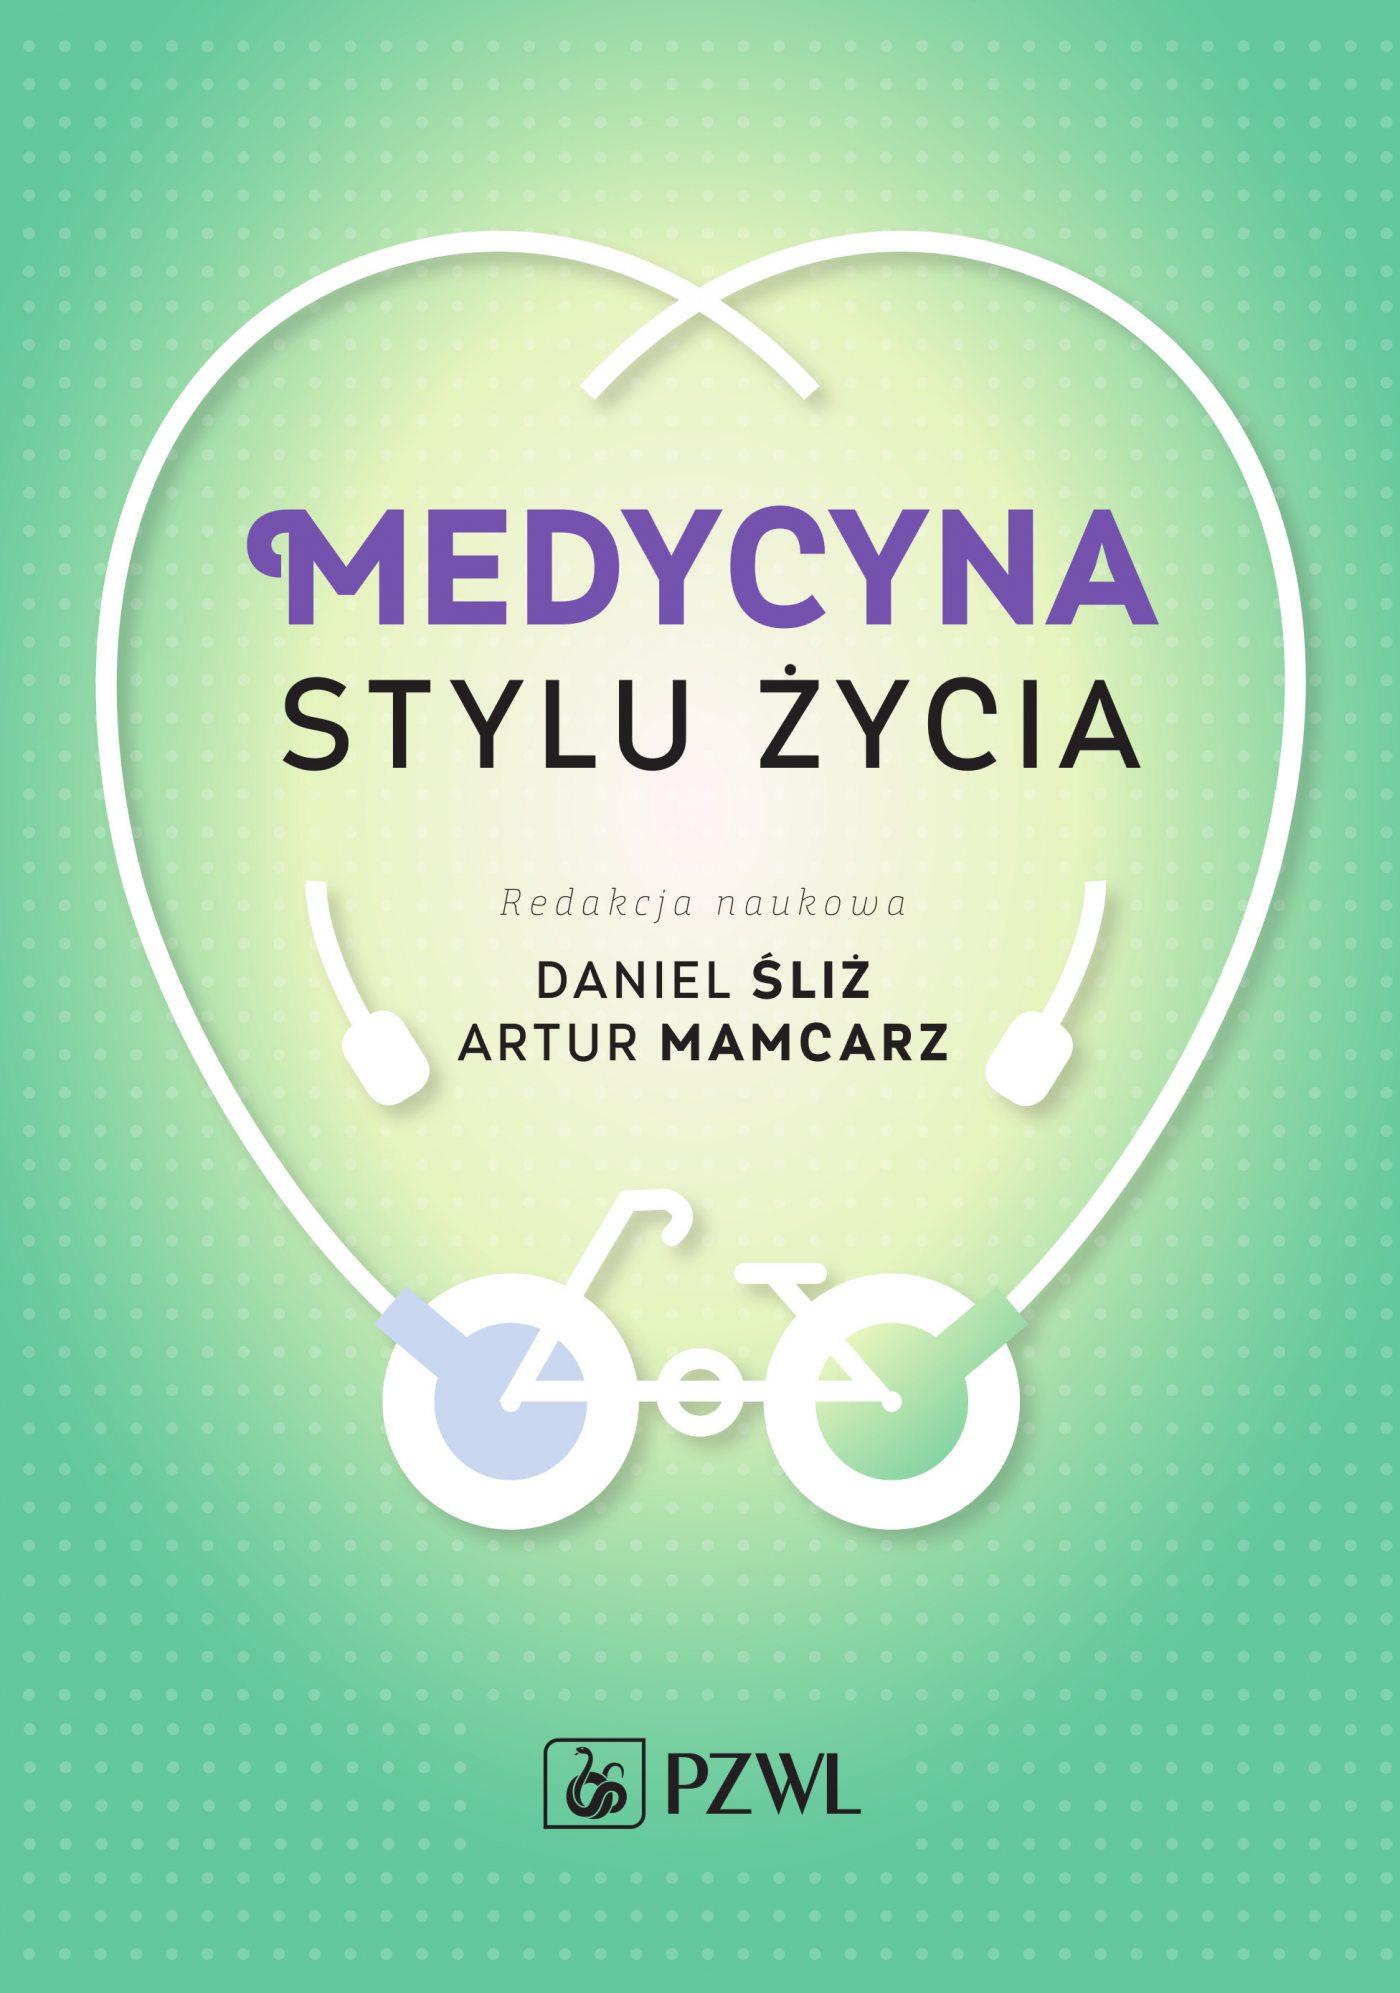 Medycyna stylu życia - Ebook (Książka EPUB) do pobrania w formacie EPUB